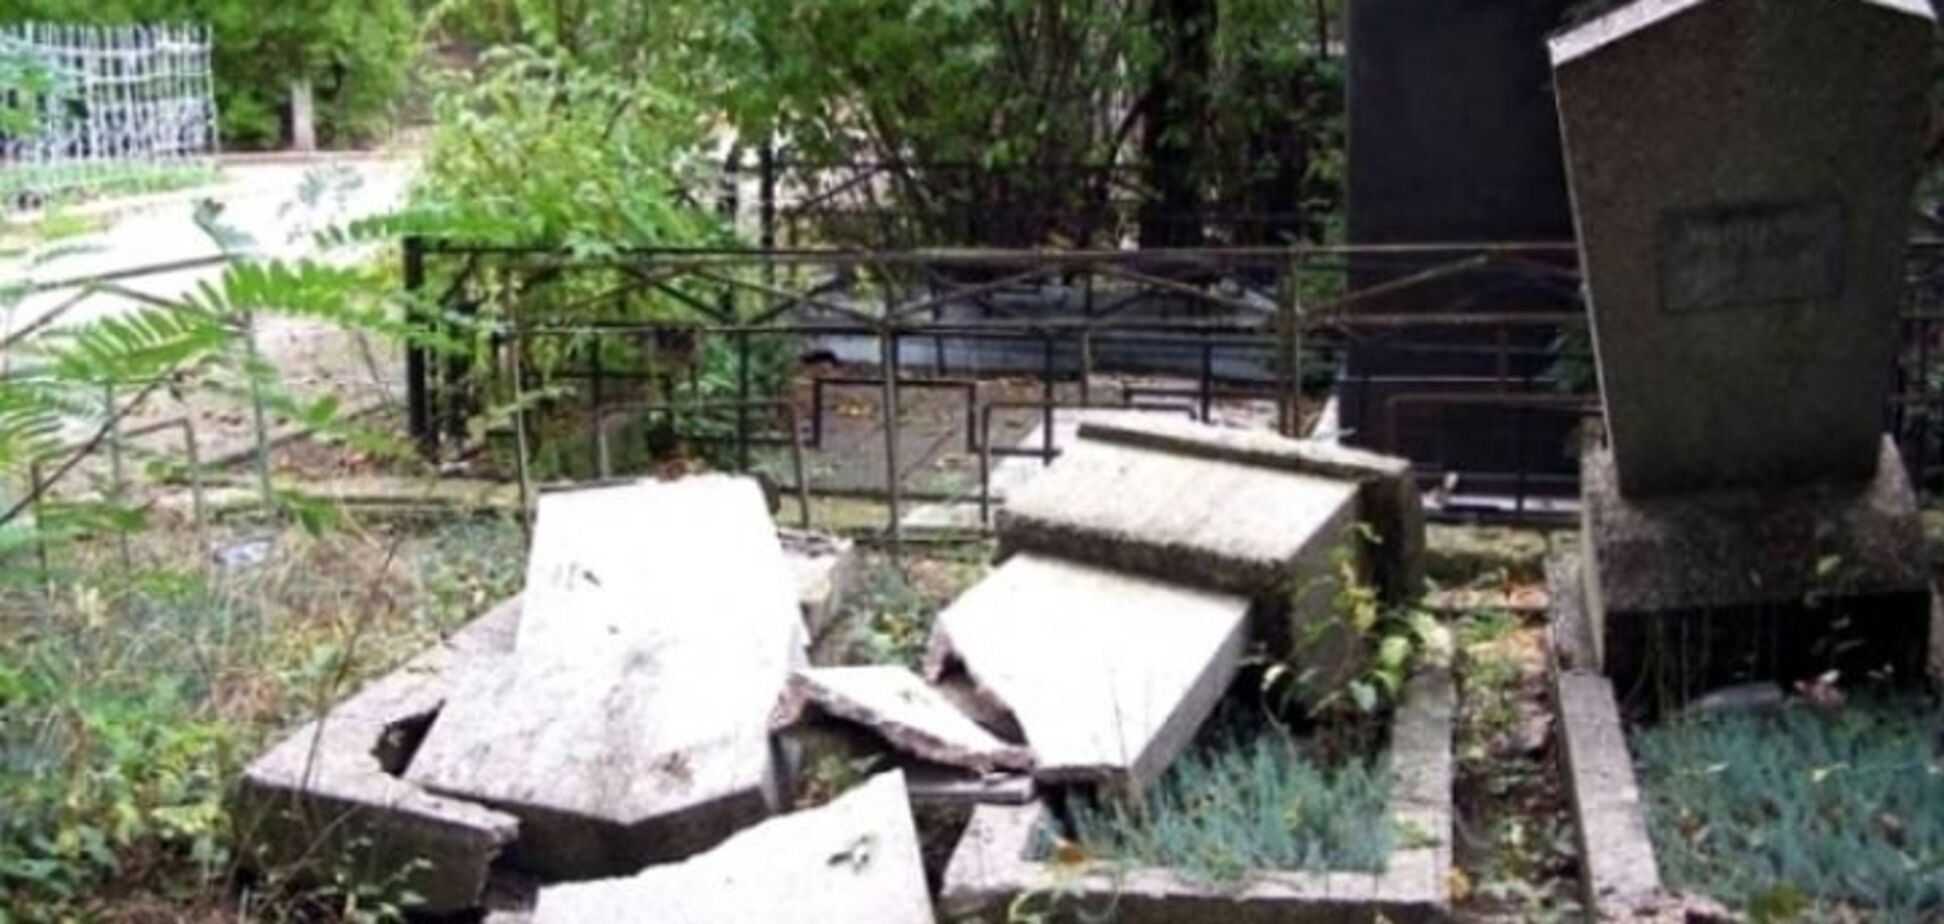 Дівчинку вбило могильною плитою на кладовищі під Одесою